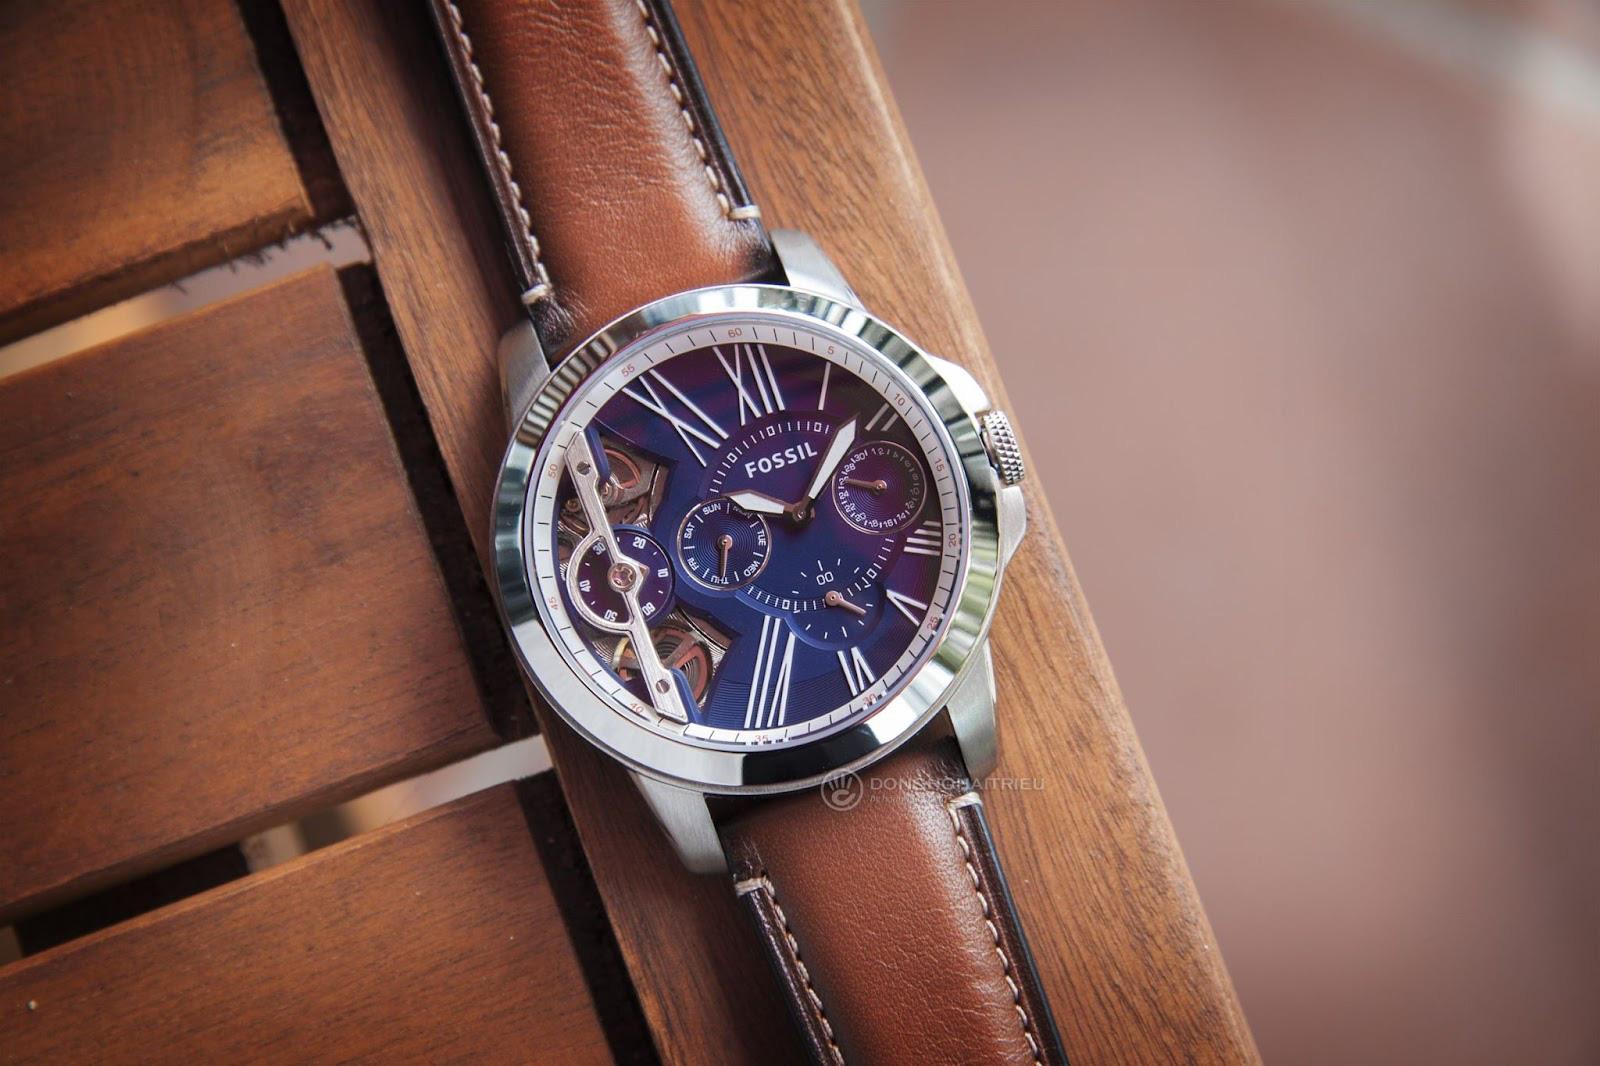 Top các mẫu đồng hồ Fossil Blue đẹp mắt, đang được săn lùng - Ảnh 4.